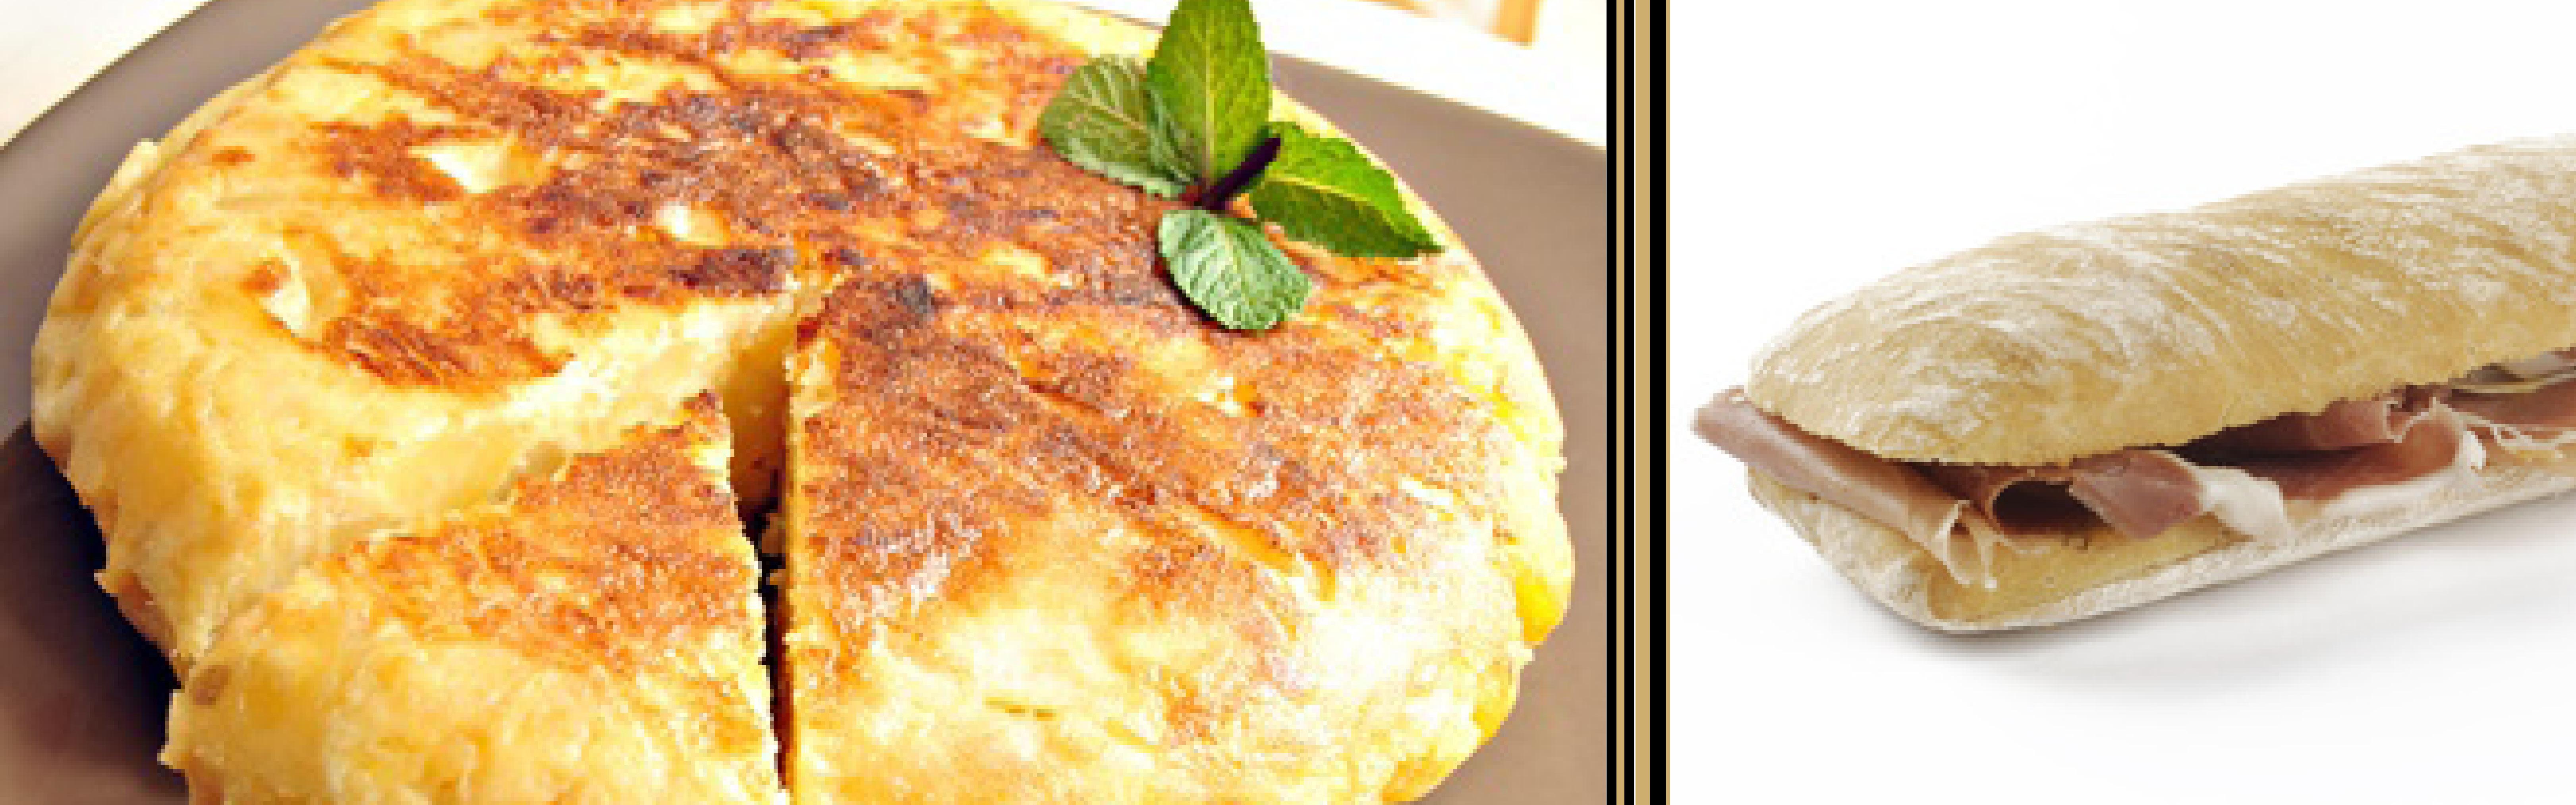 Descubre todas las opciones en comida para llevar de Cafetería Mesón La Cortijana